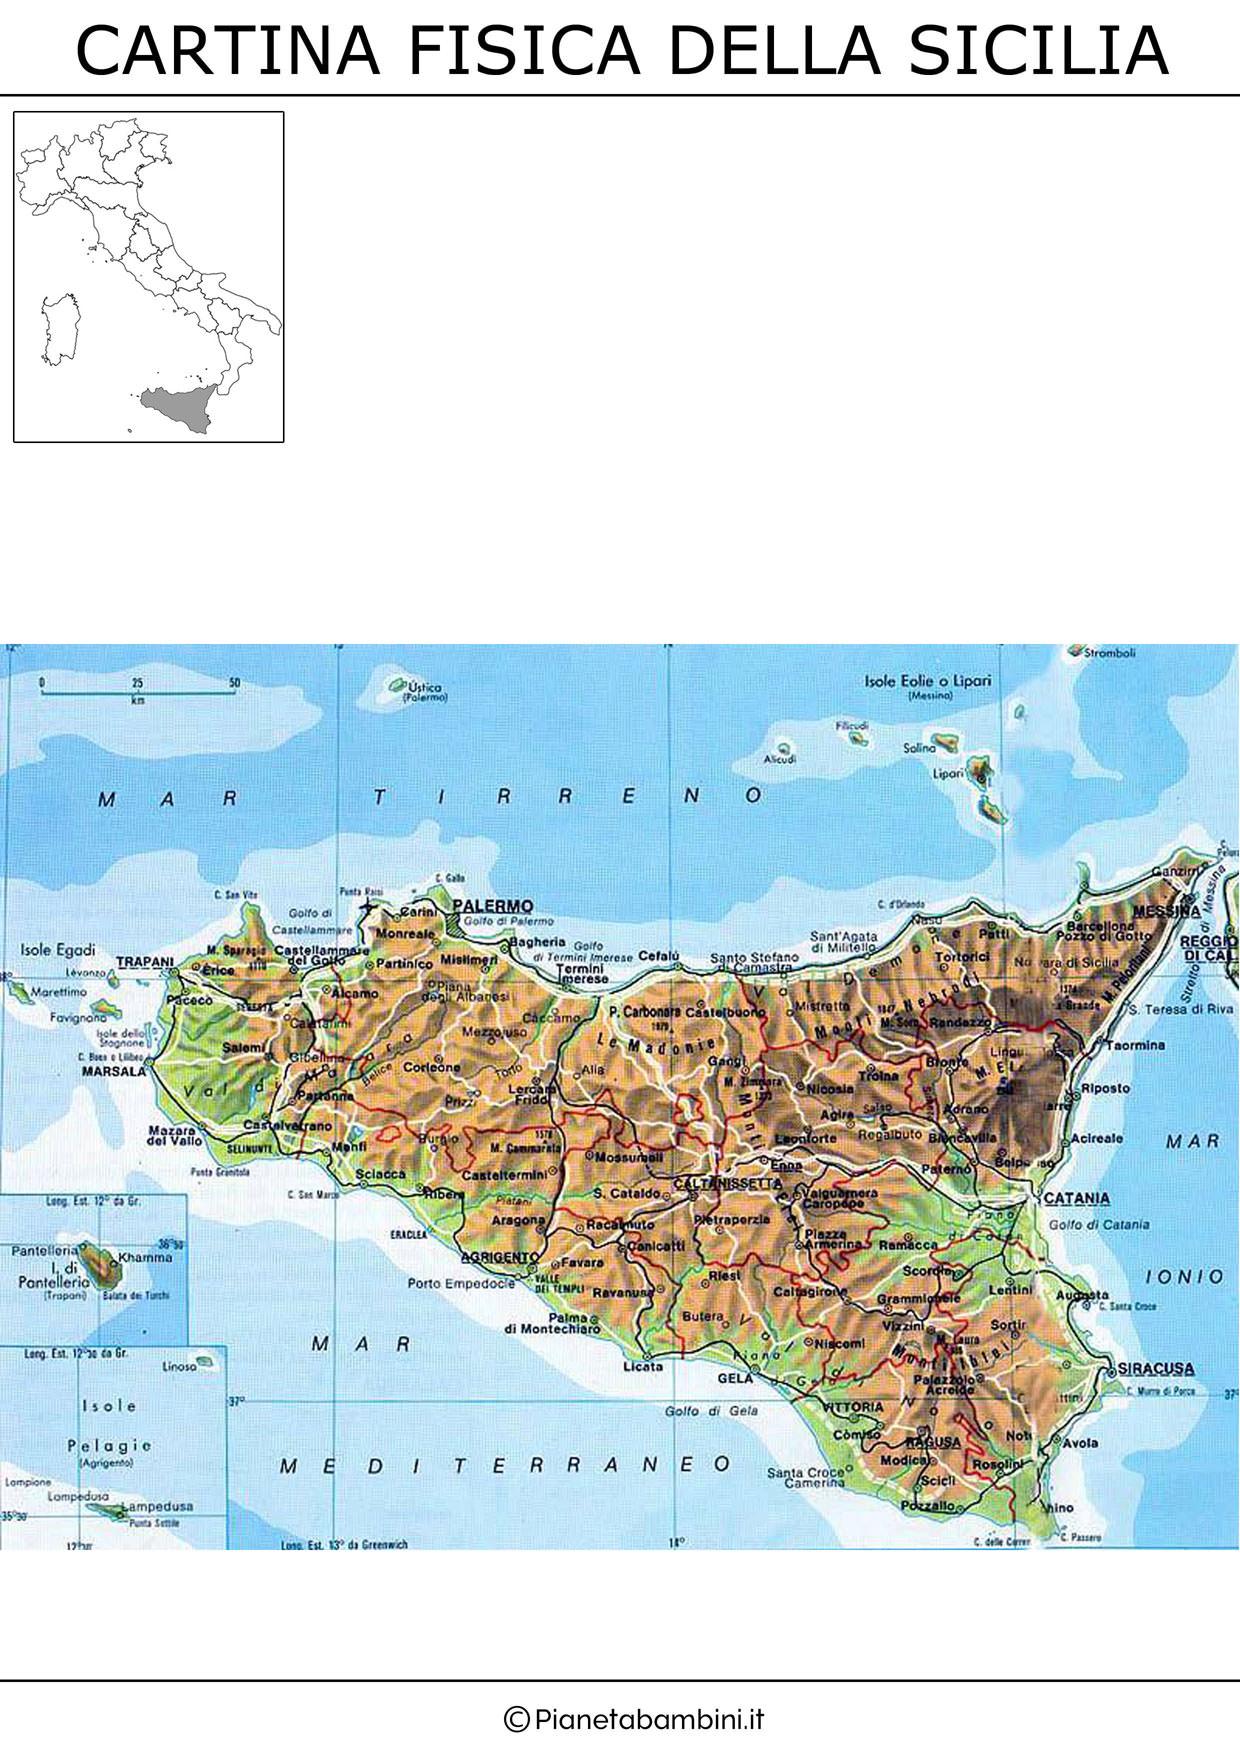 Cartina della Sicilia in versione fisica da stampare gratis